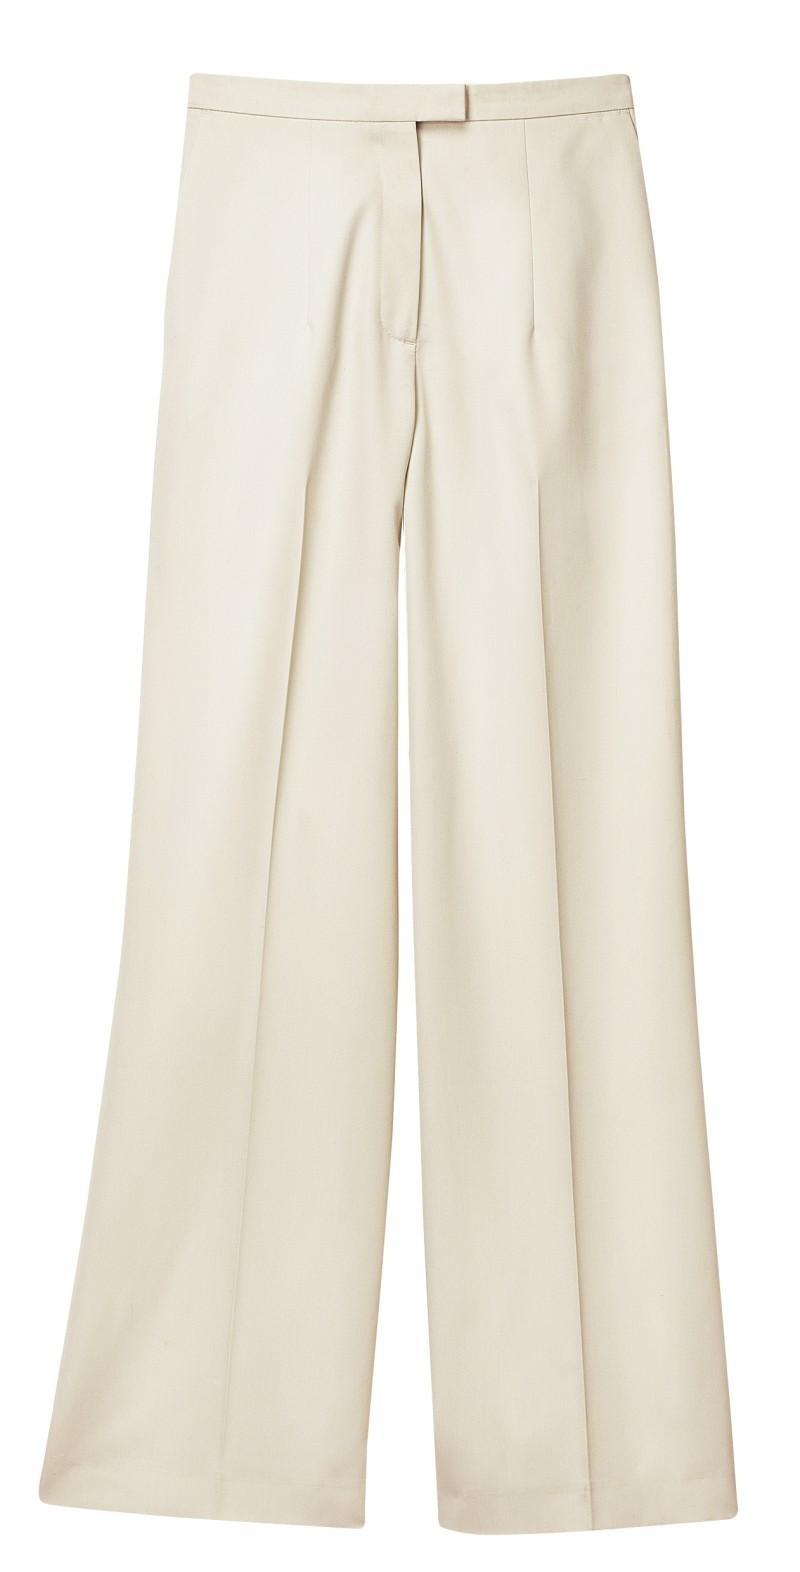 białe spodnie H&M - kolekcja wiosenno/letnia